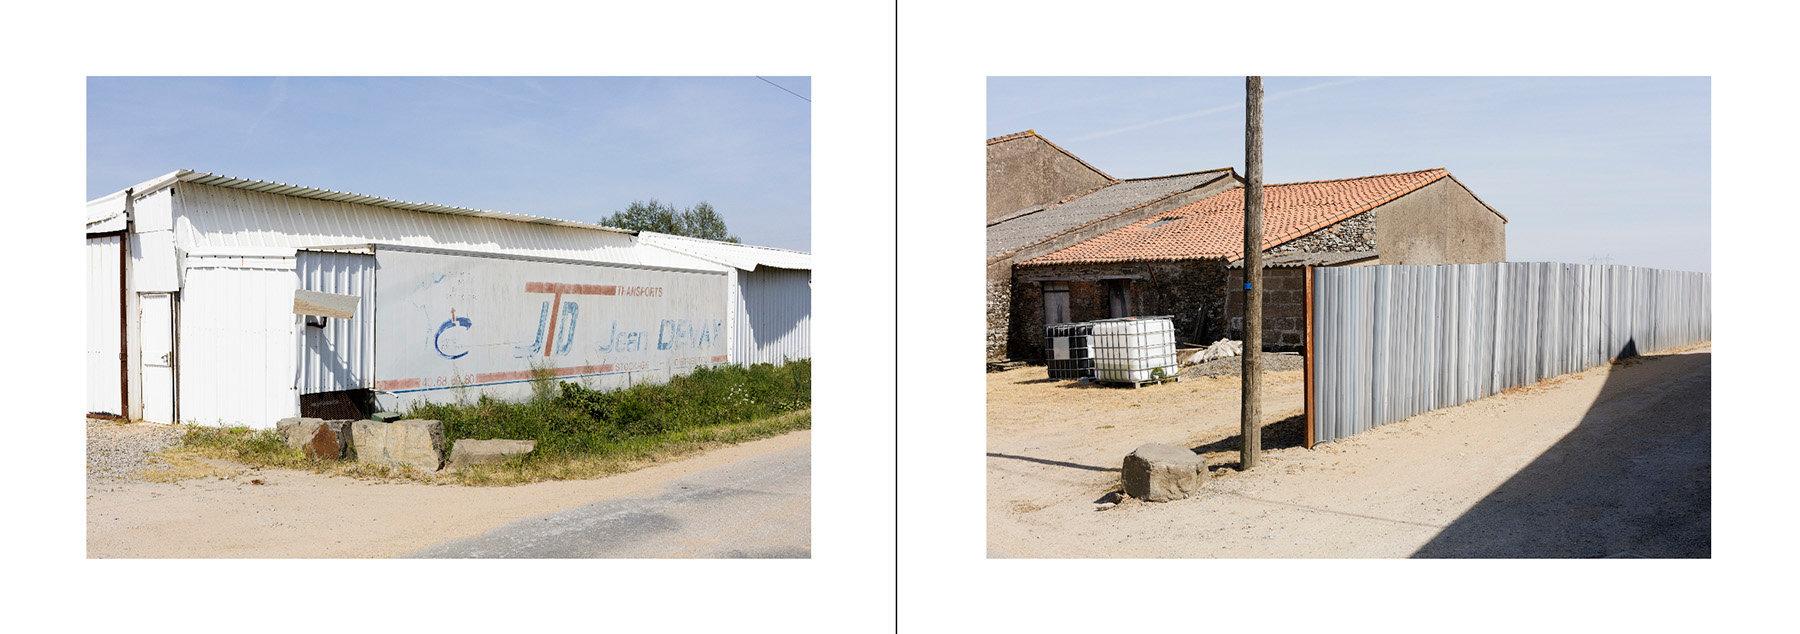 Le Loraux-Bottereau_Mauves-sur-Loire-page040 copie.jpg